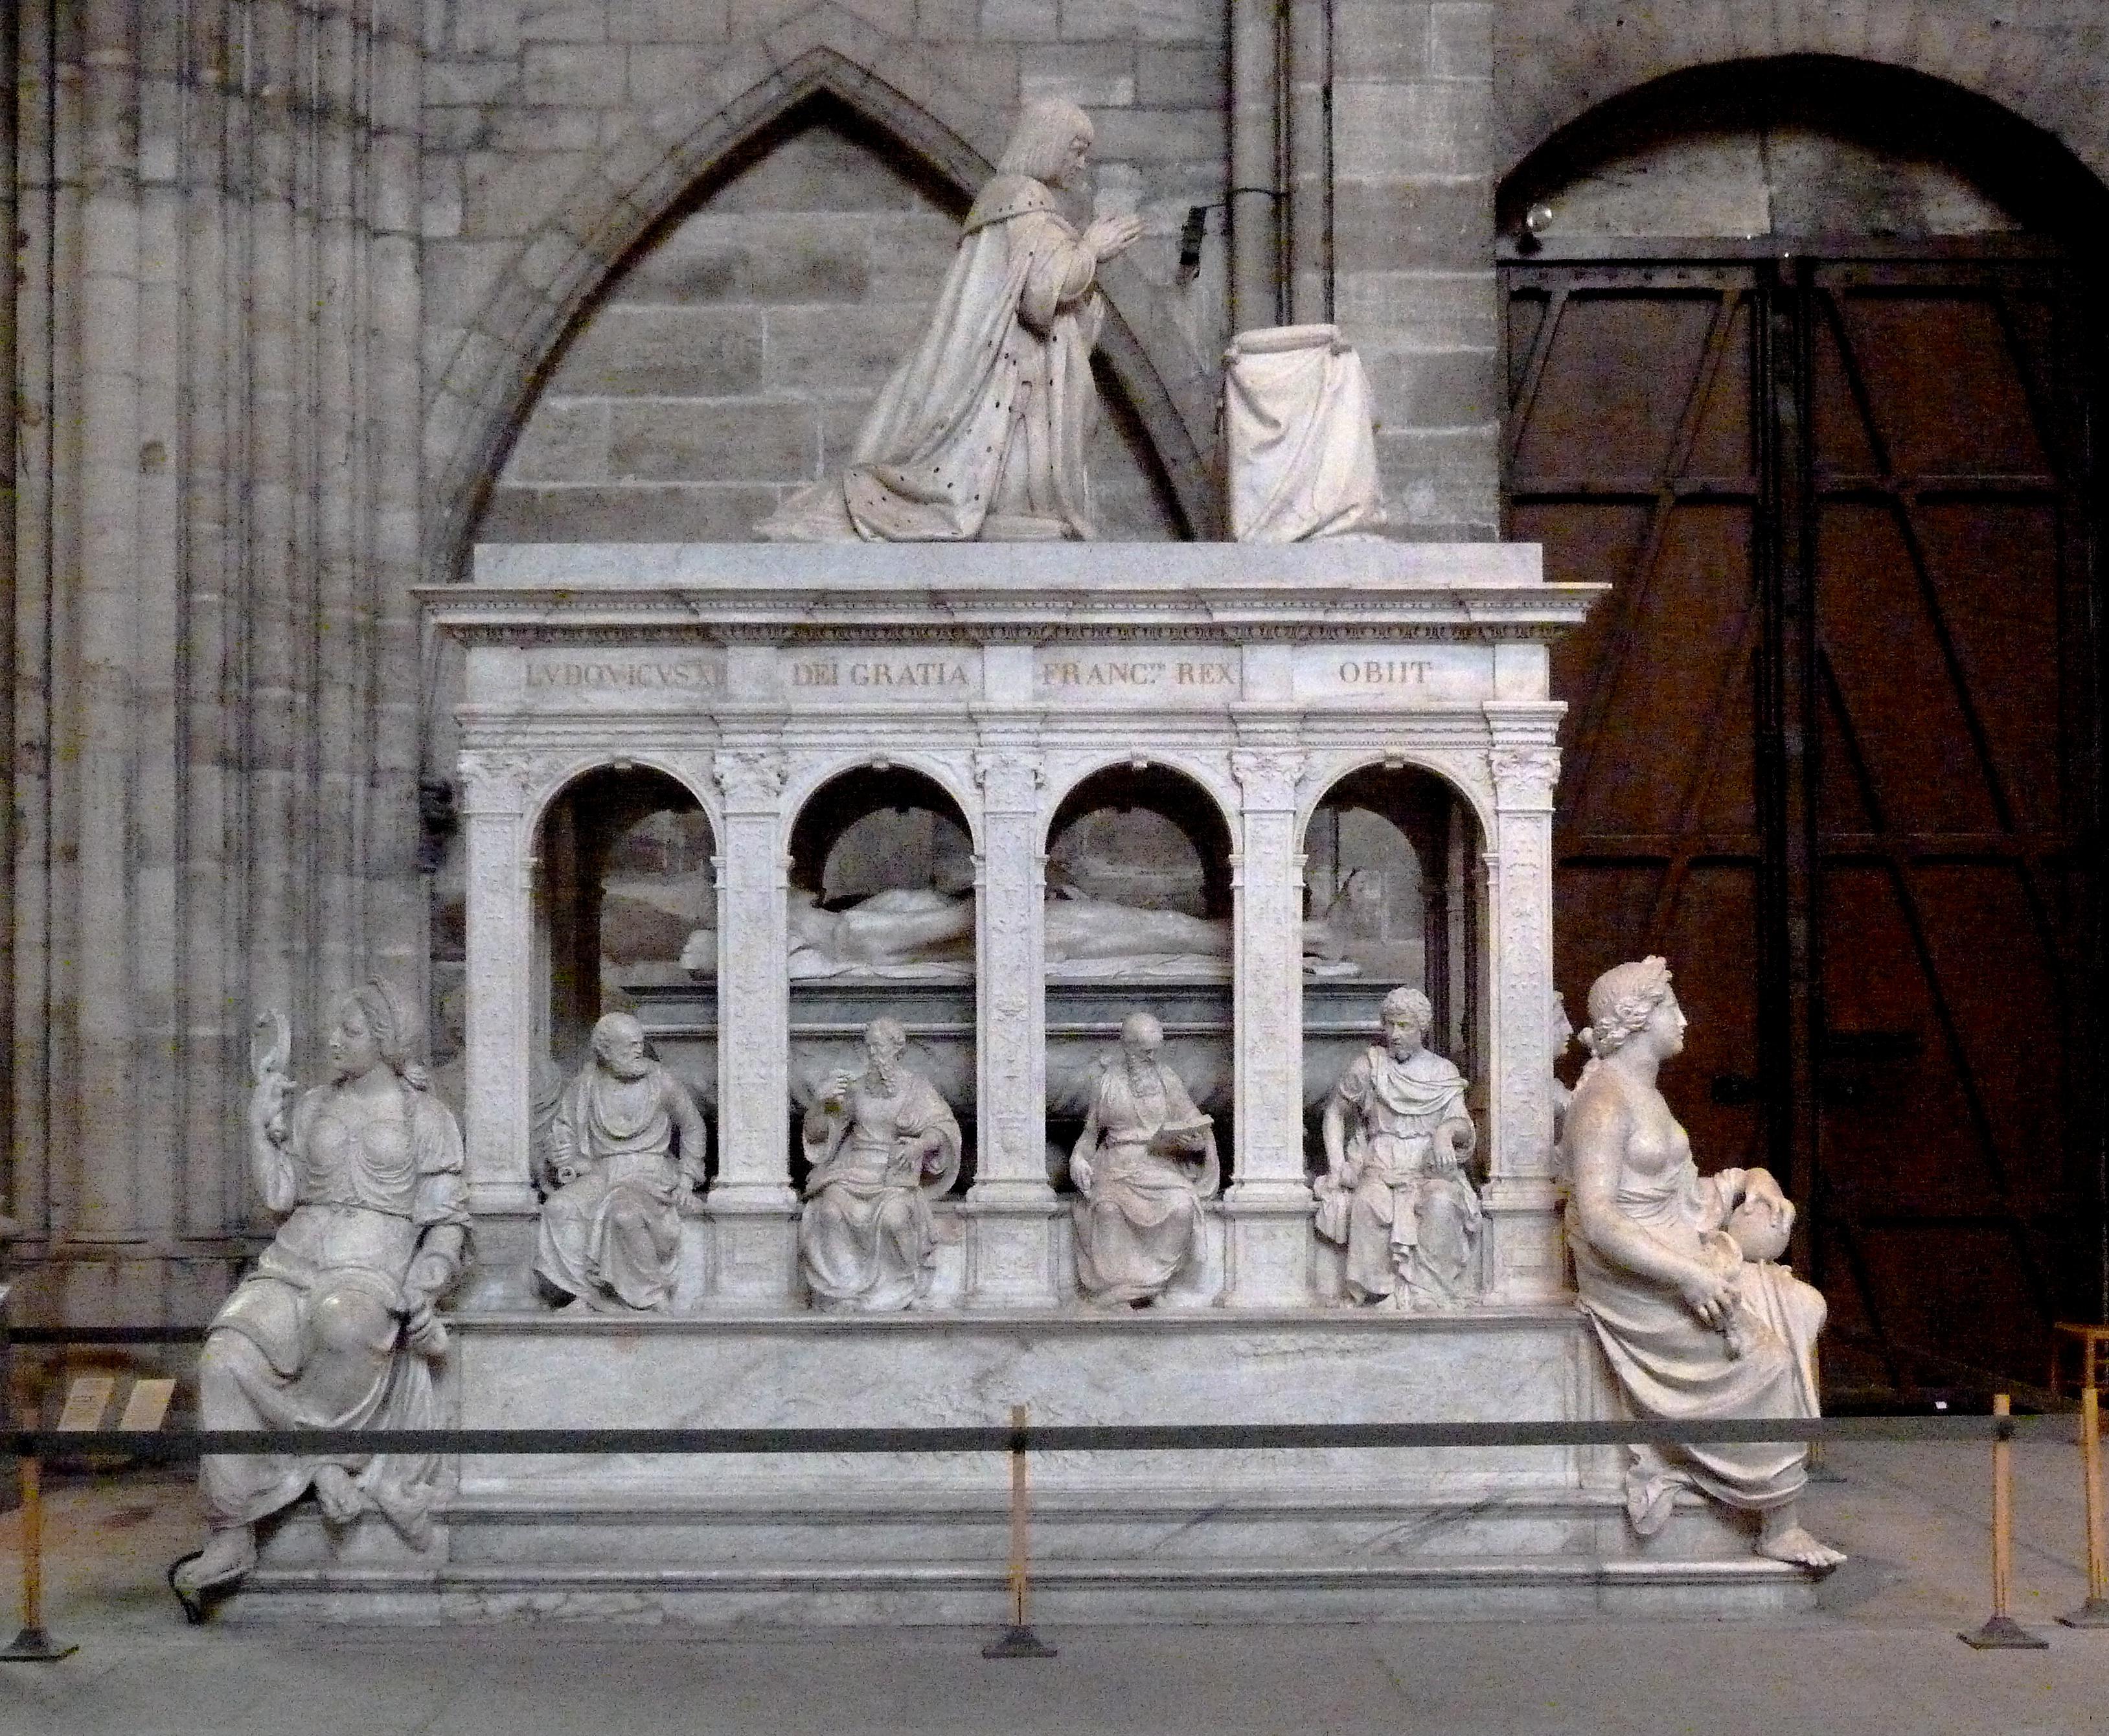 https://i2.wp.com/upload.wikimedia.org/wikipedia/commons/0/09/Louis_XII_et_Anne_de_Bretagne_St_Denis.jpg